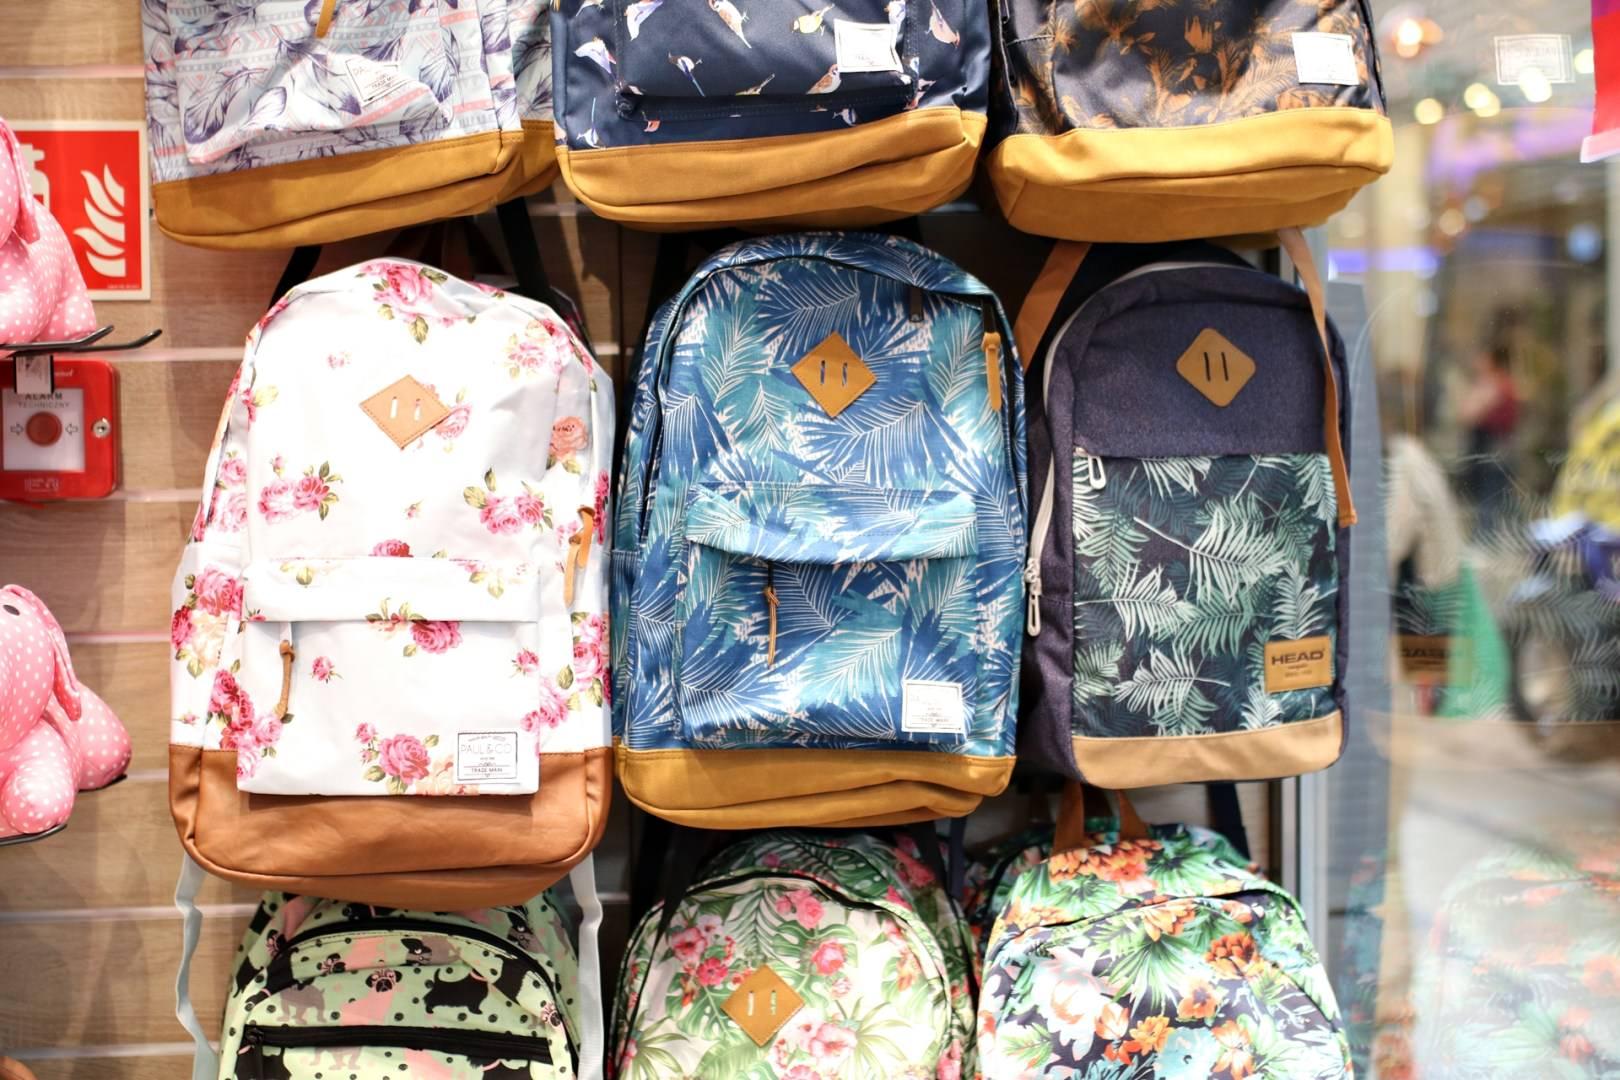 95ac73a0b8609 Jak wybrać idealny plecak do szkoły? ⋆ Oshopping Blog